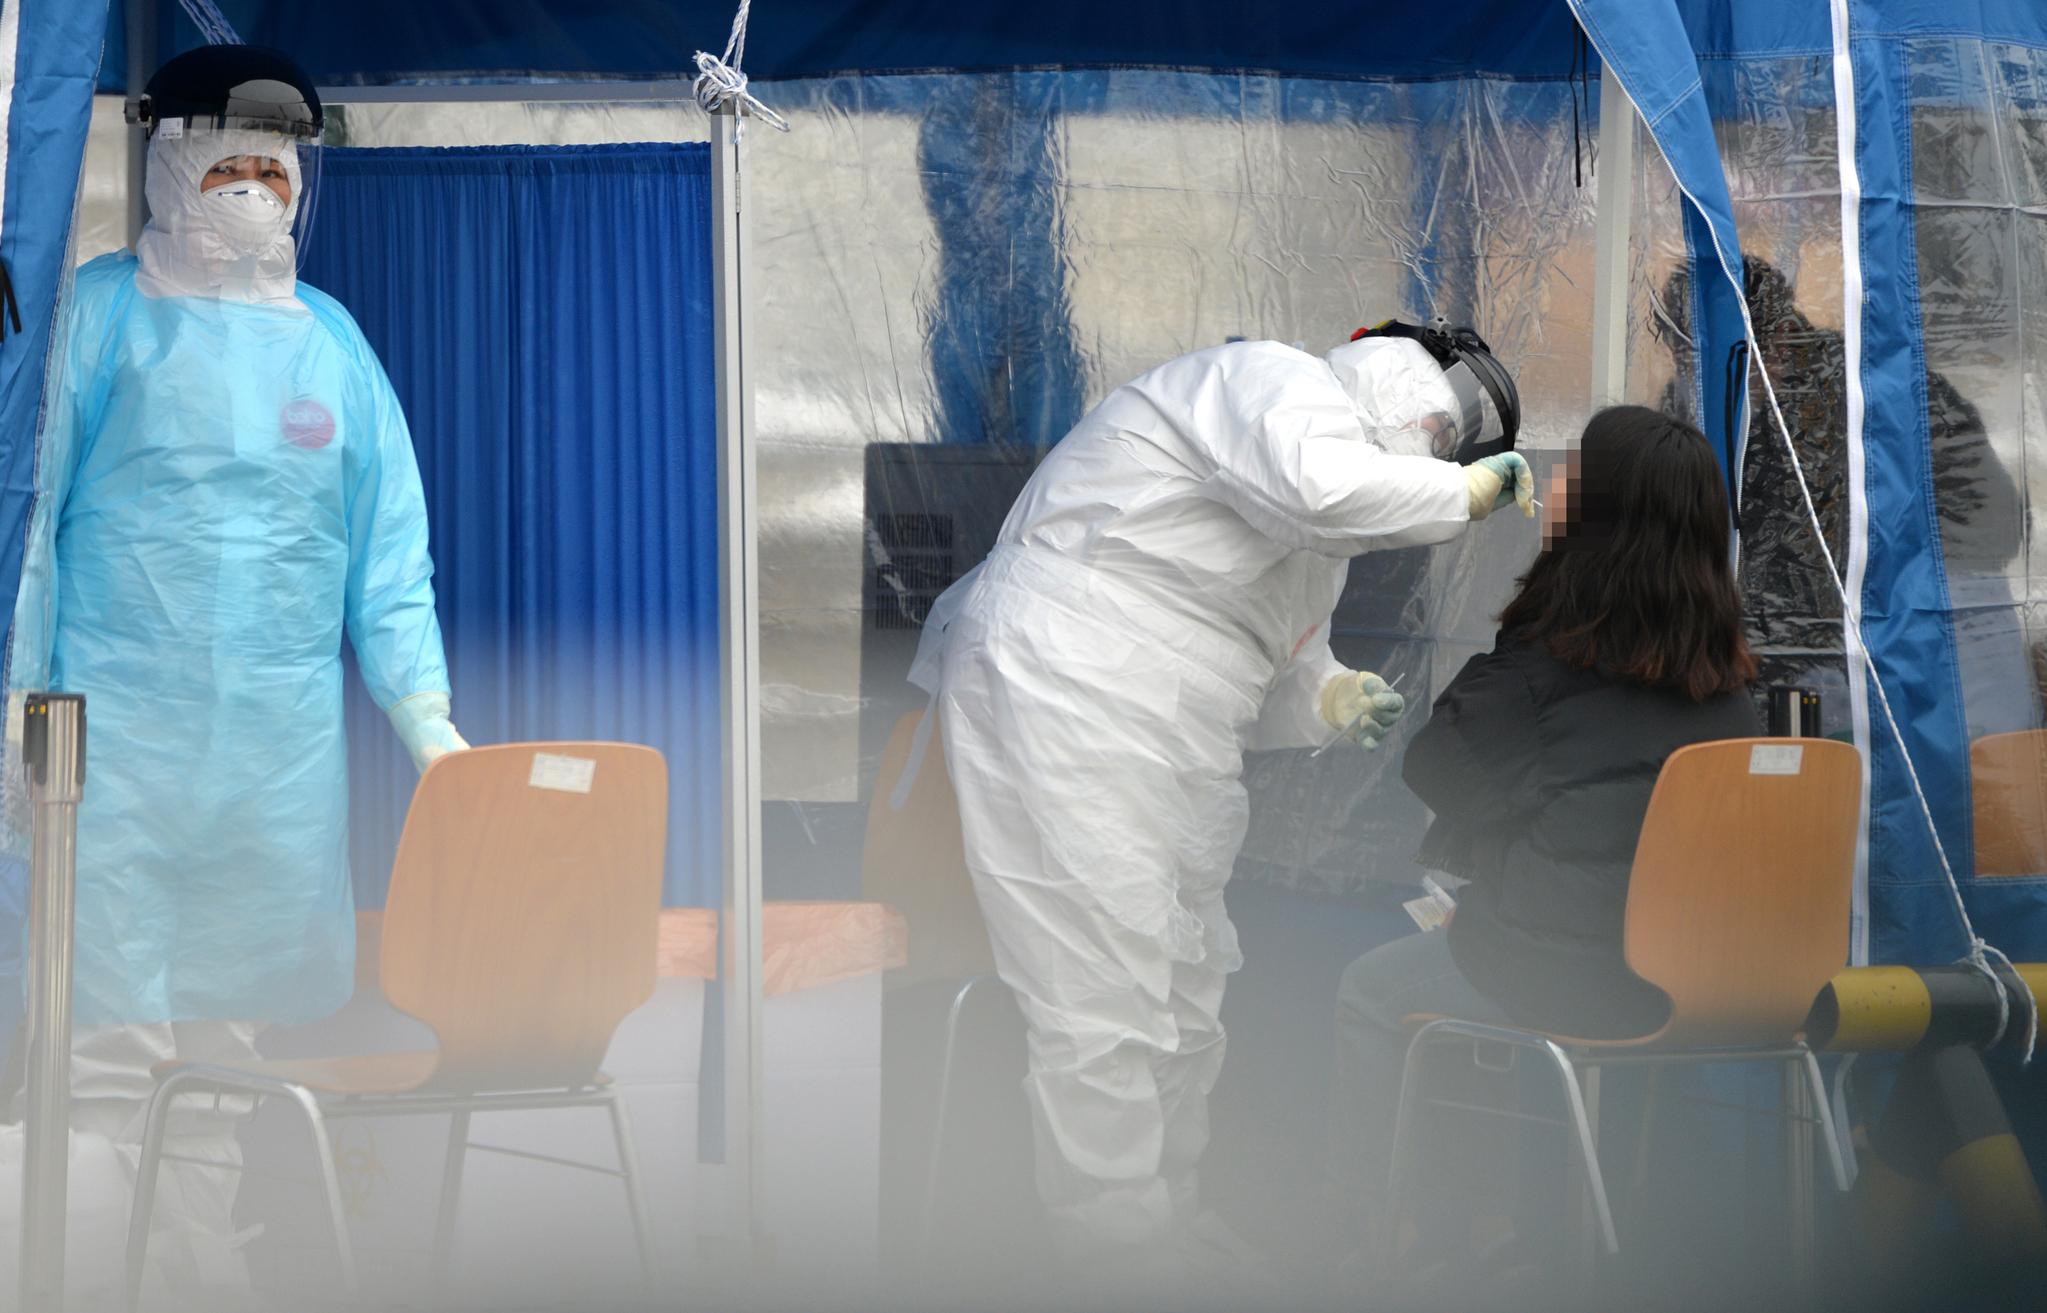 11일 대전 한밭체육관 주차장에 마련된 코로나19 임시 선별진료소에서 의료진들이 방문한 시민들을 검사하고 있다. 중앙포토